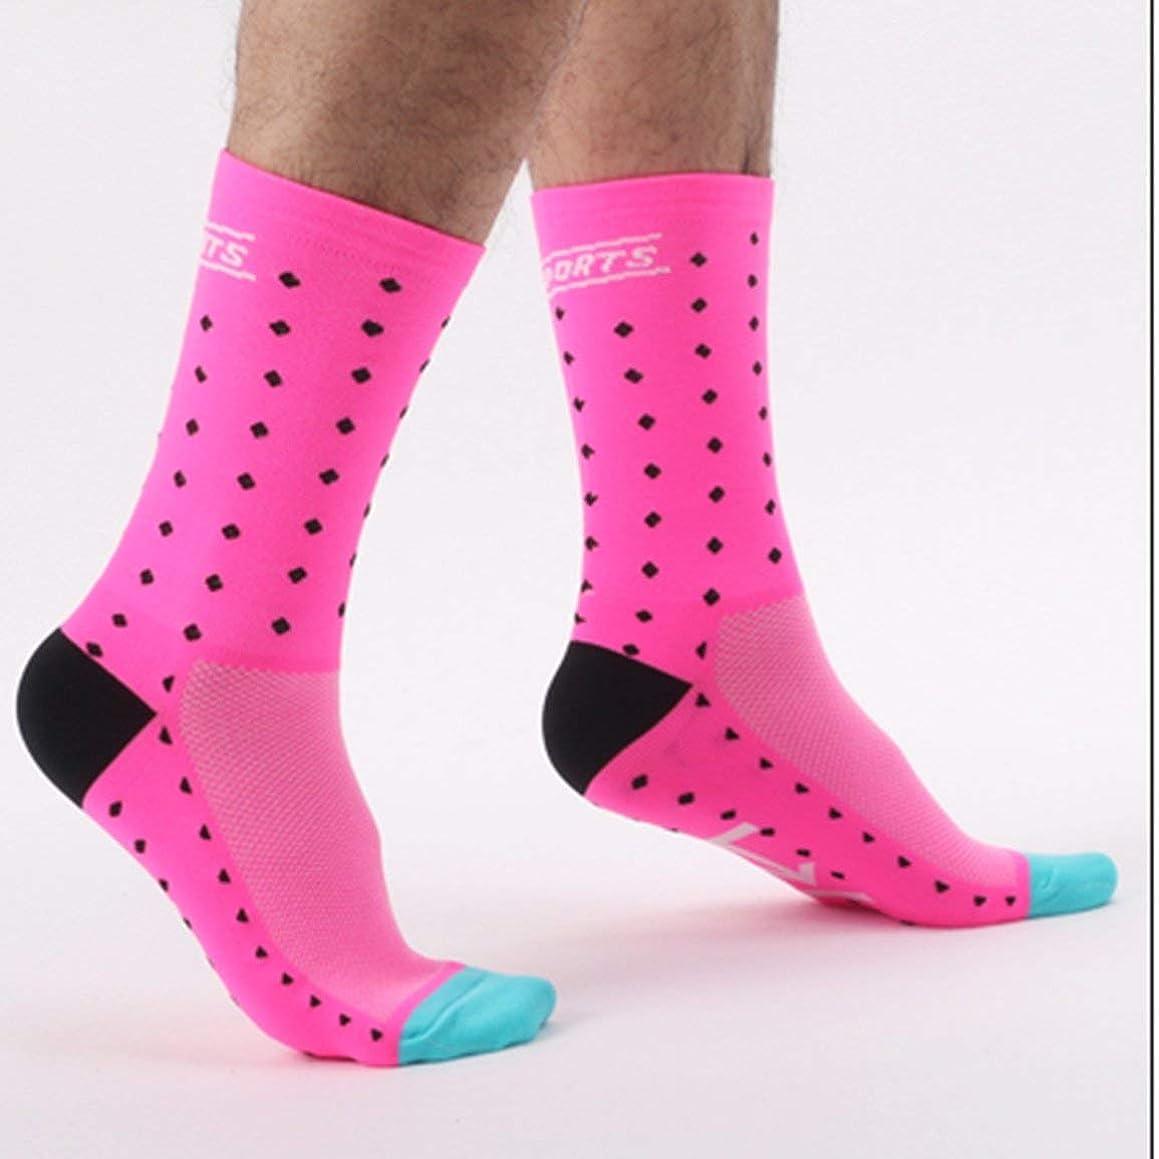 かける混合した守るDH04快適なファッショナブルな屋外サイクリングソックス男性女性プロの通気性スポーツソックスバスケットボールソックス - ピンク